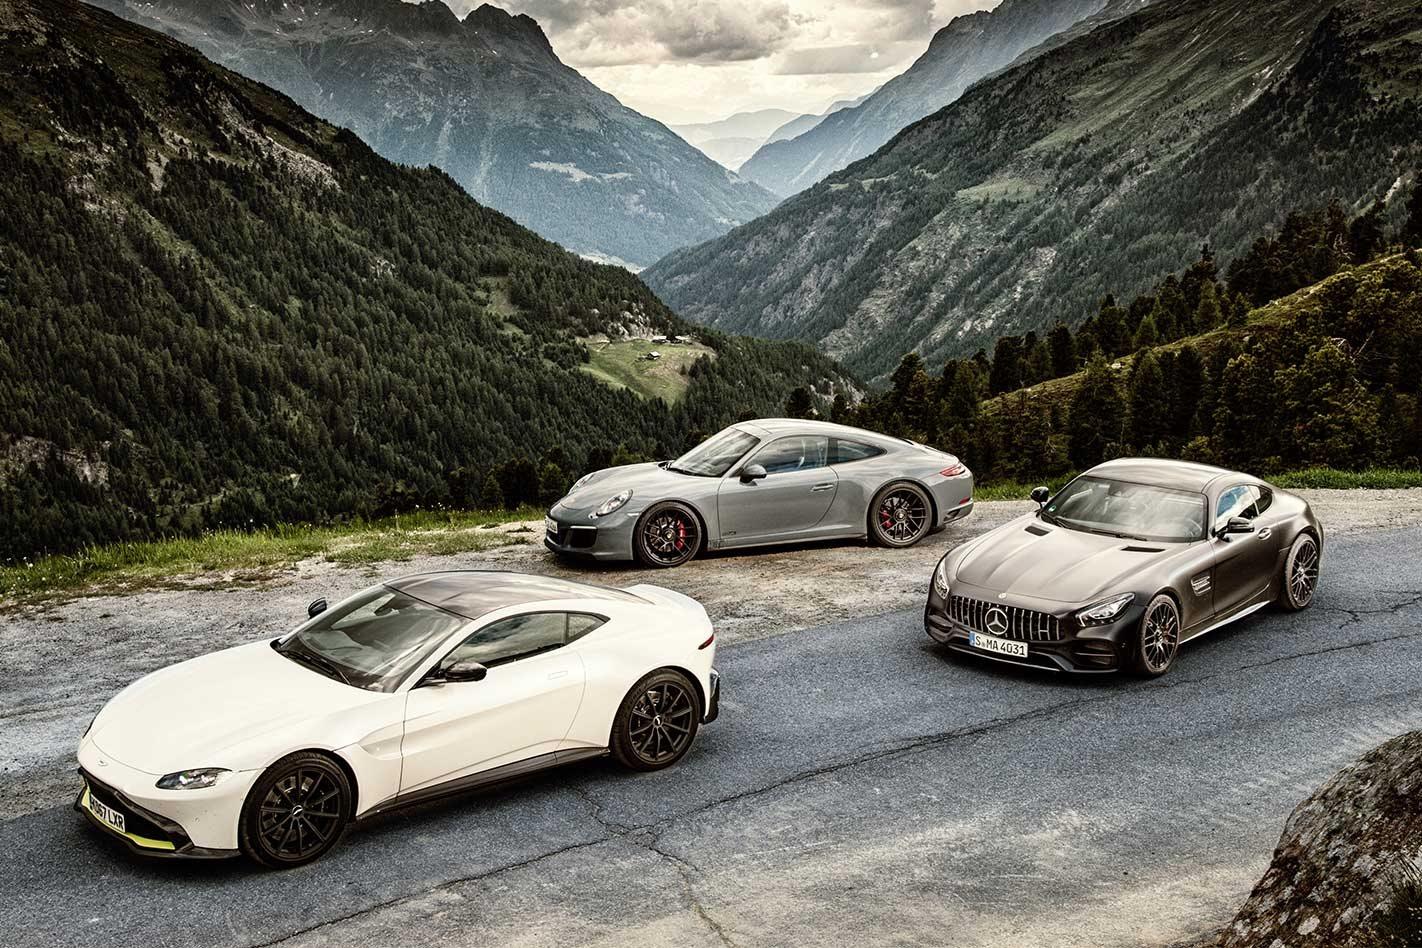 Aston Martin Vantage Vs Porsche Carrera GTS Vs Mercedes - Aston martin vantage gt 2018